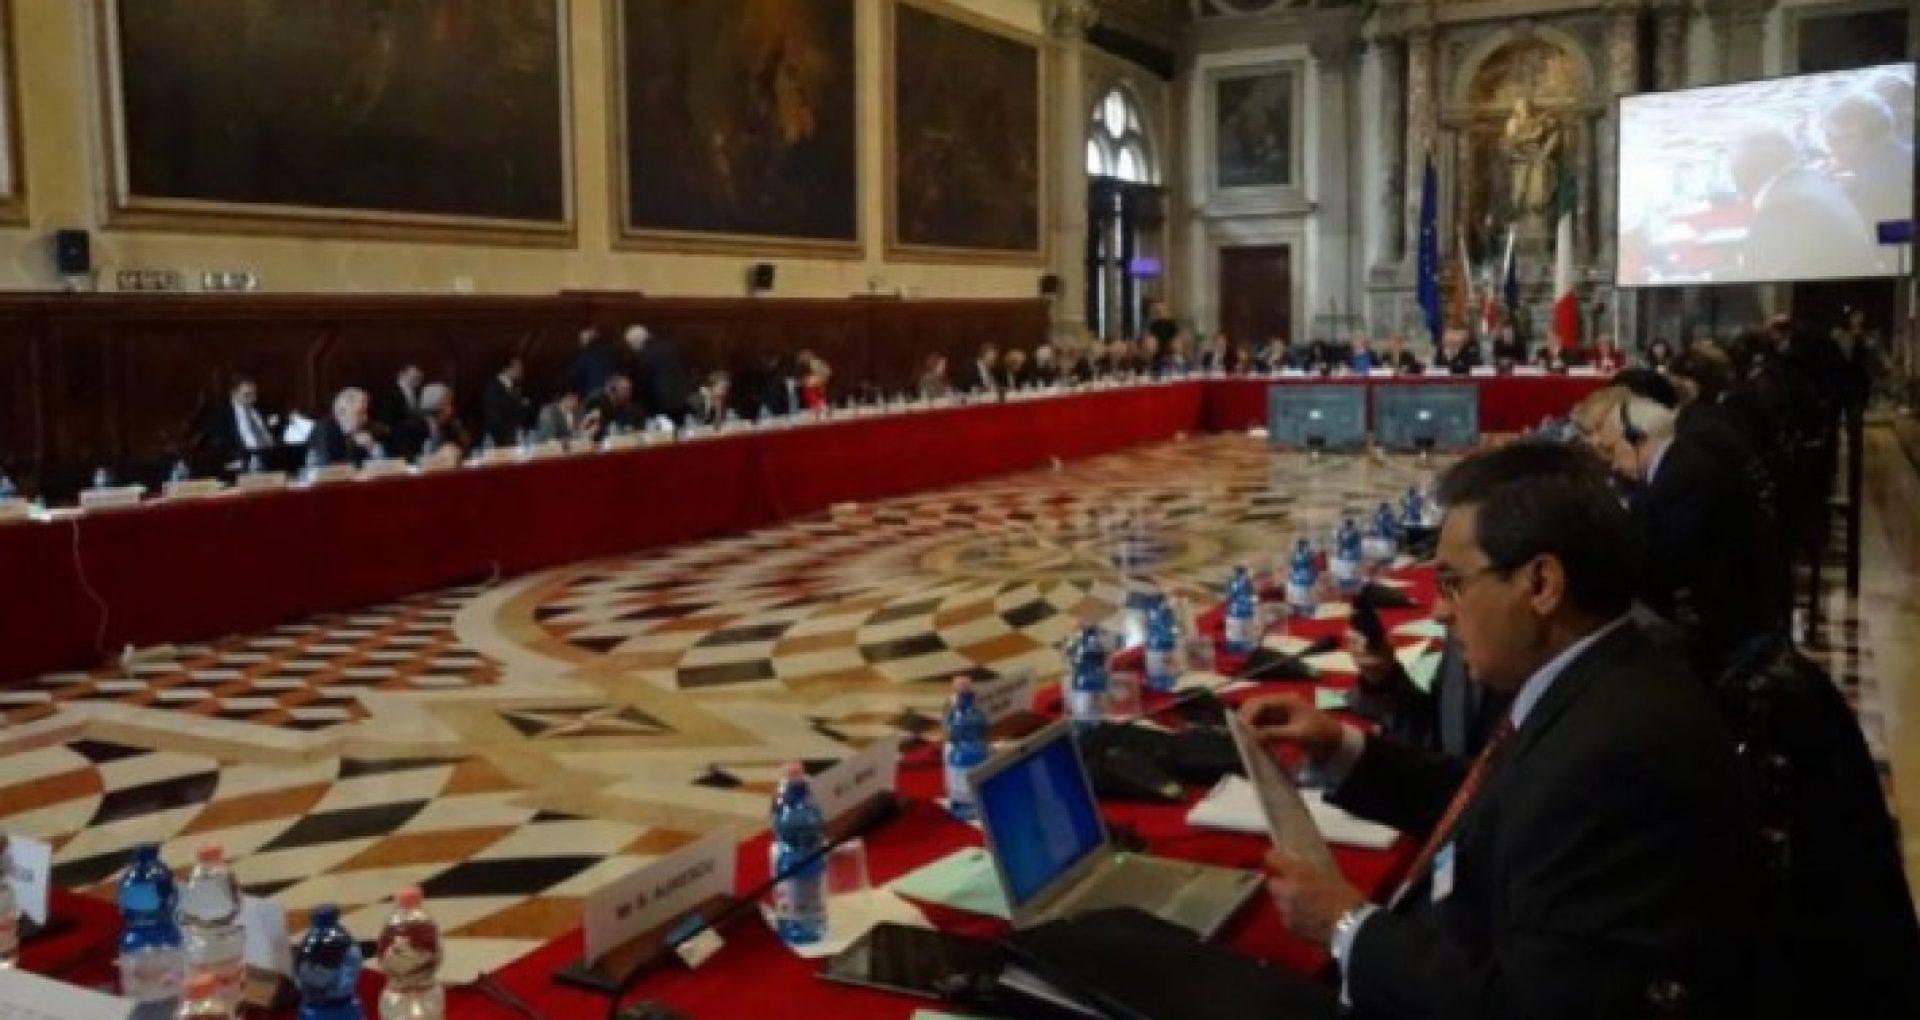 """Comisia de la Veneția se arată îngrijorată de acțiunile Parlamentului R. Moldova cu privire la Curtea Constituțională și face apel către toate instituțiile statului la reținere și dialog: """"Parlamentul trebui să abroge deciziile neconstituționale"""". Declarația președintelui Buquicchio"""